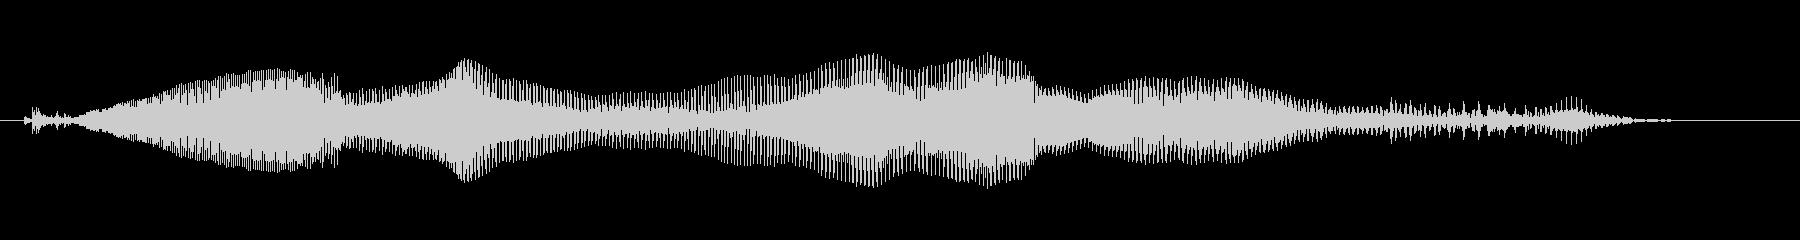 ぐあぁ〜〜〜(ダメージ、倒れる)の未再生の波形